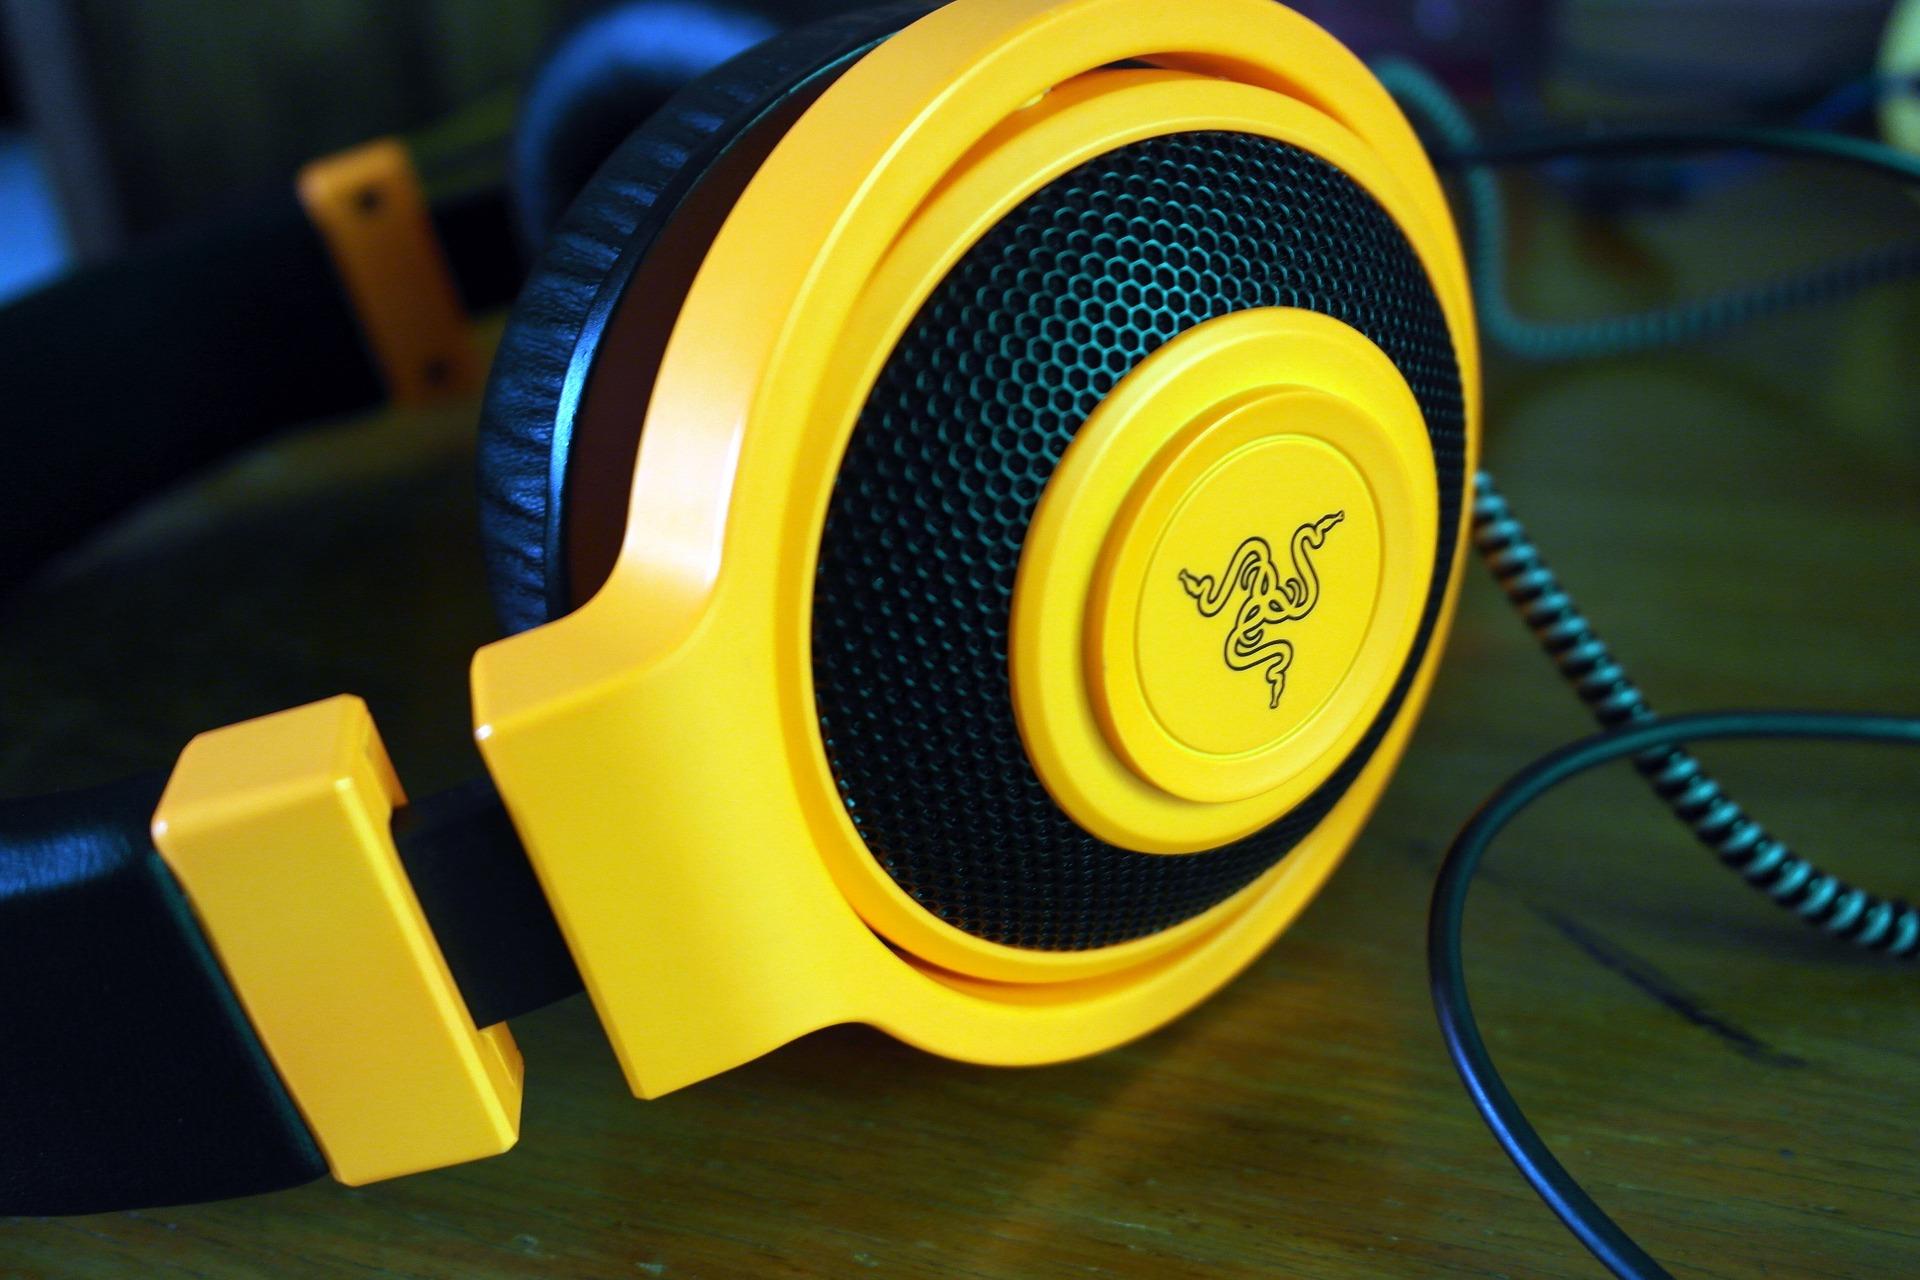 Imagem mostra um headset gamer em destaque.